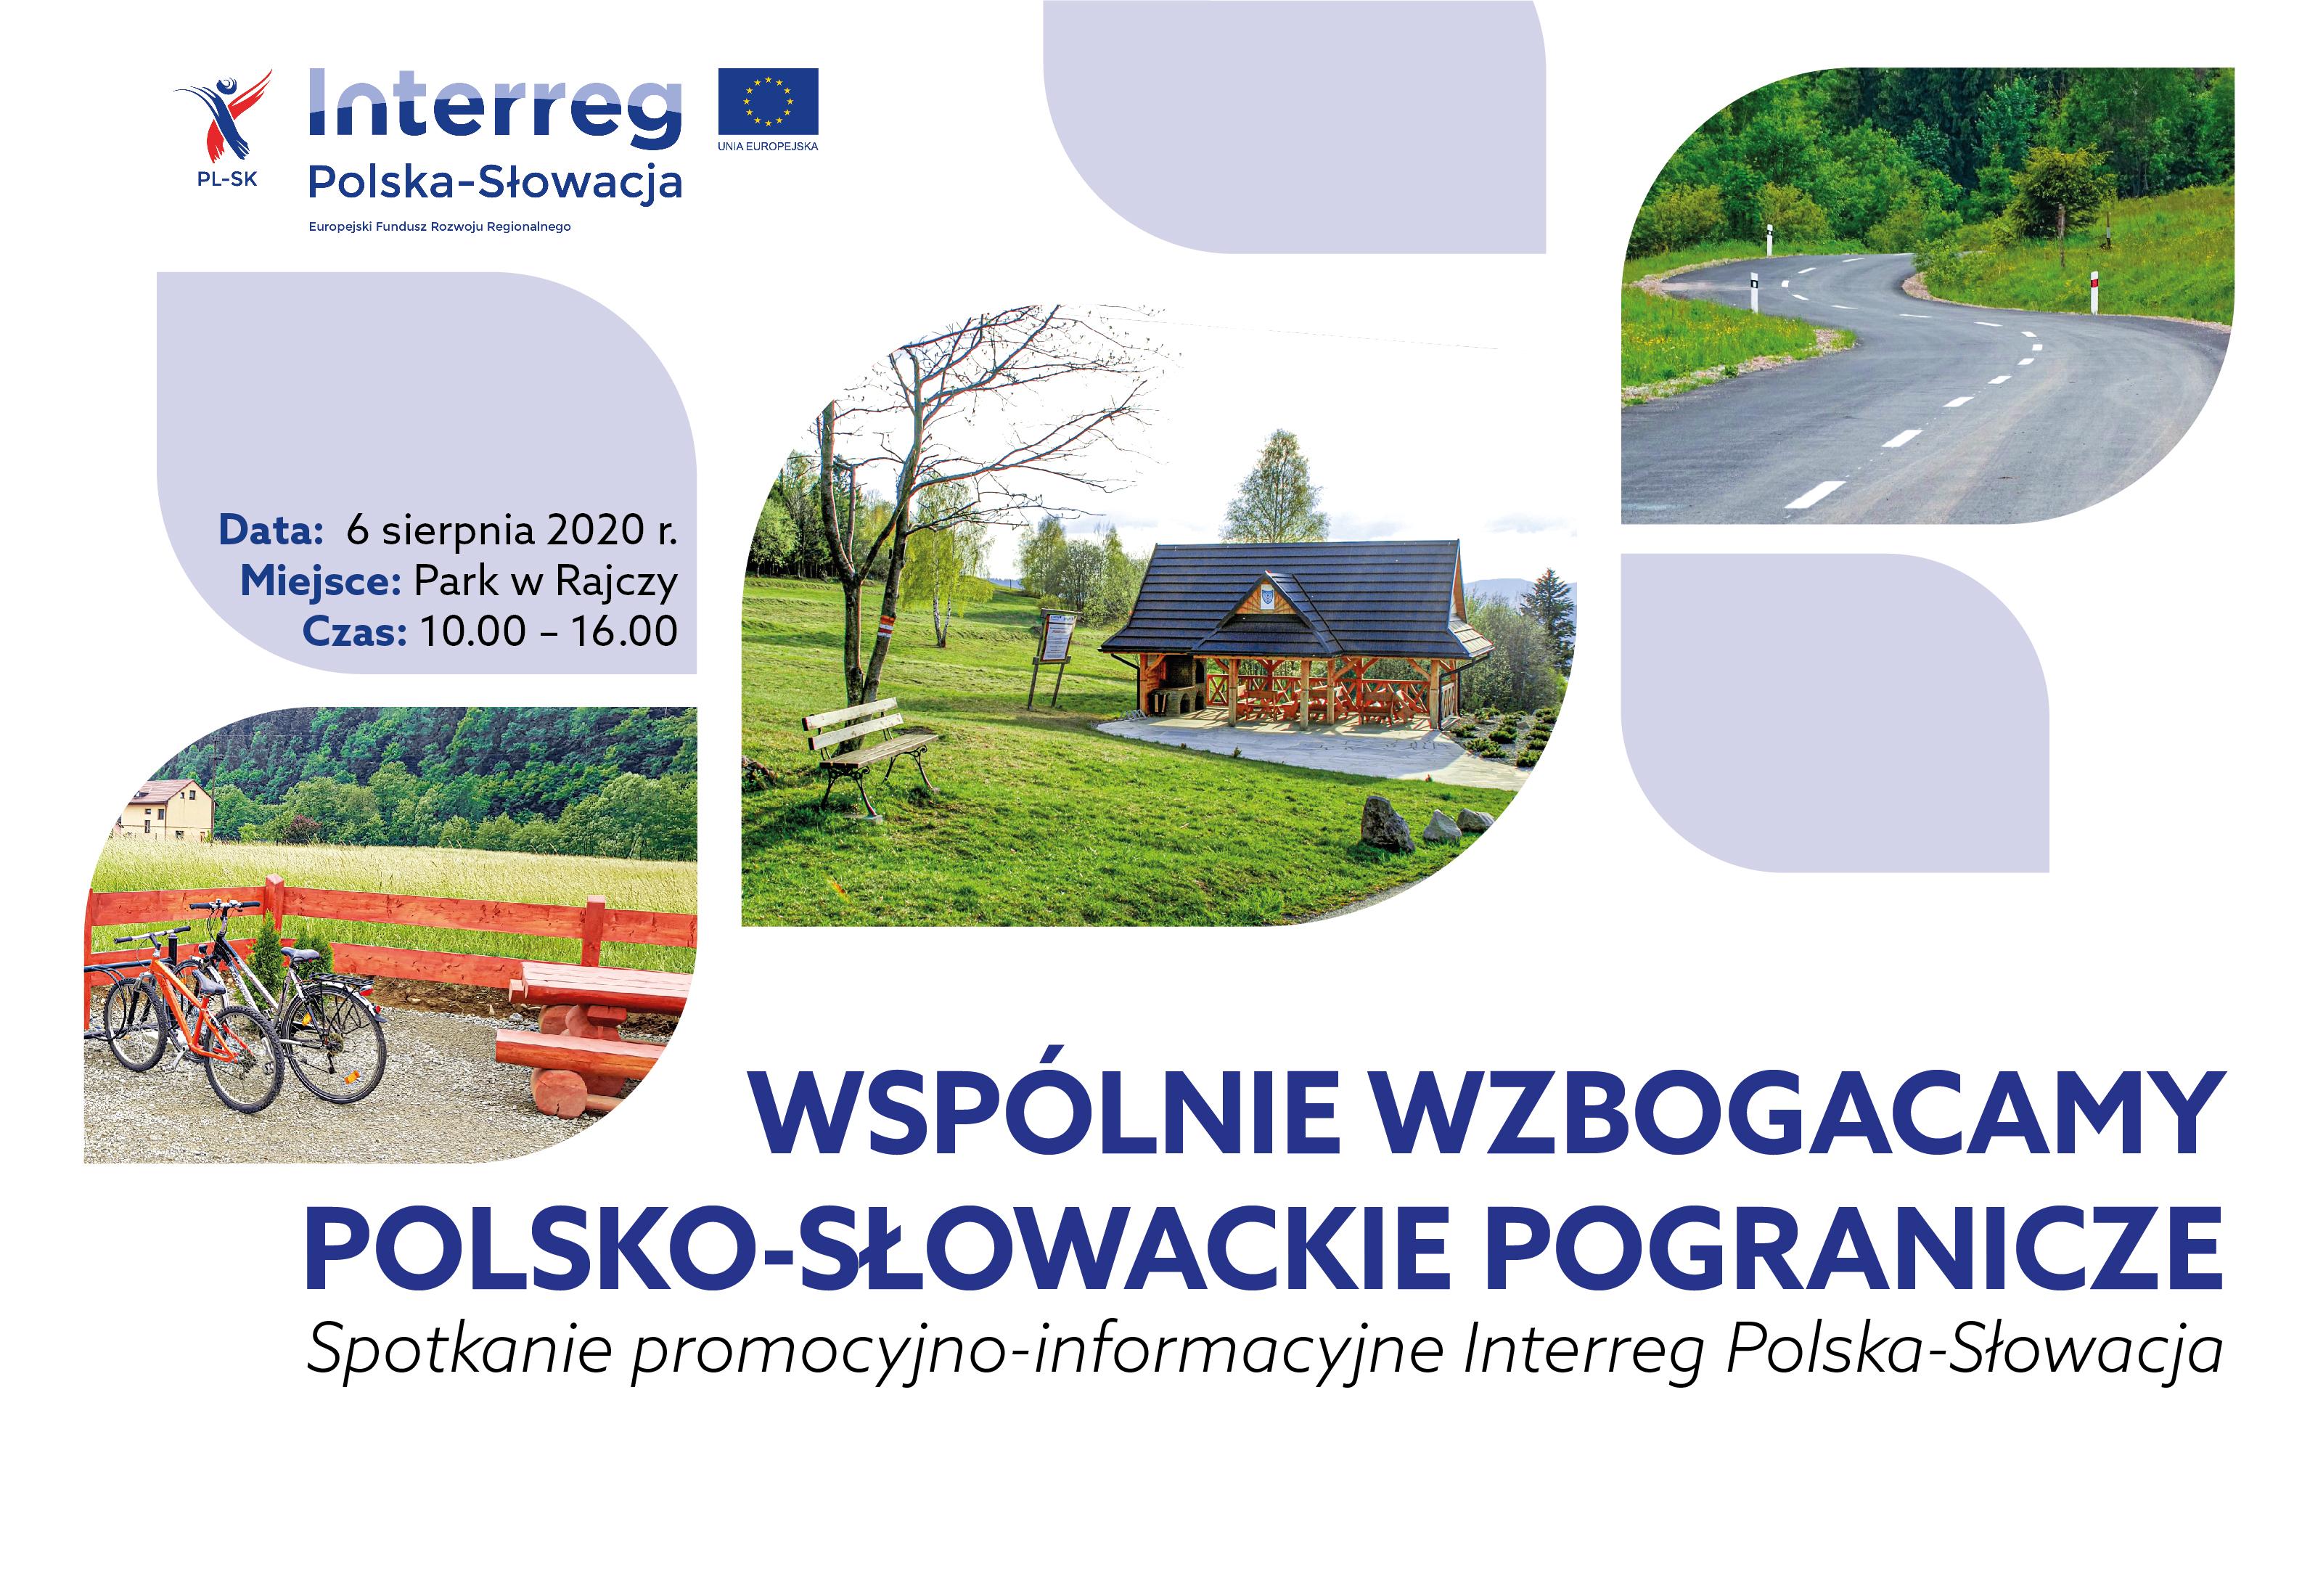 Spotkanie promocyjno-informacyjne - 6 sierpnia 2020 w Rajczy - Wspólnie wzbogacamy polsko-słowackie pogranicze!